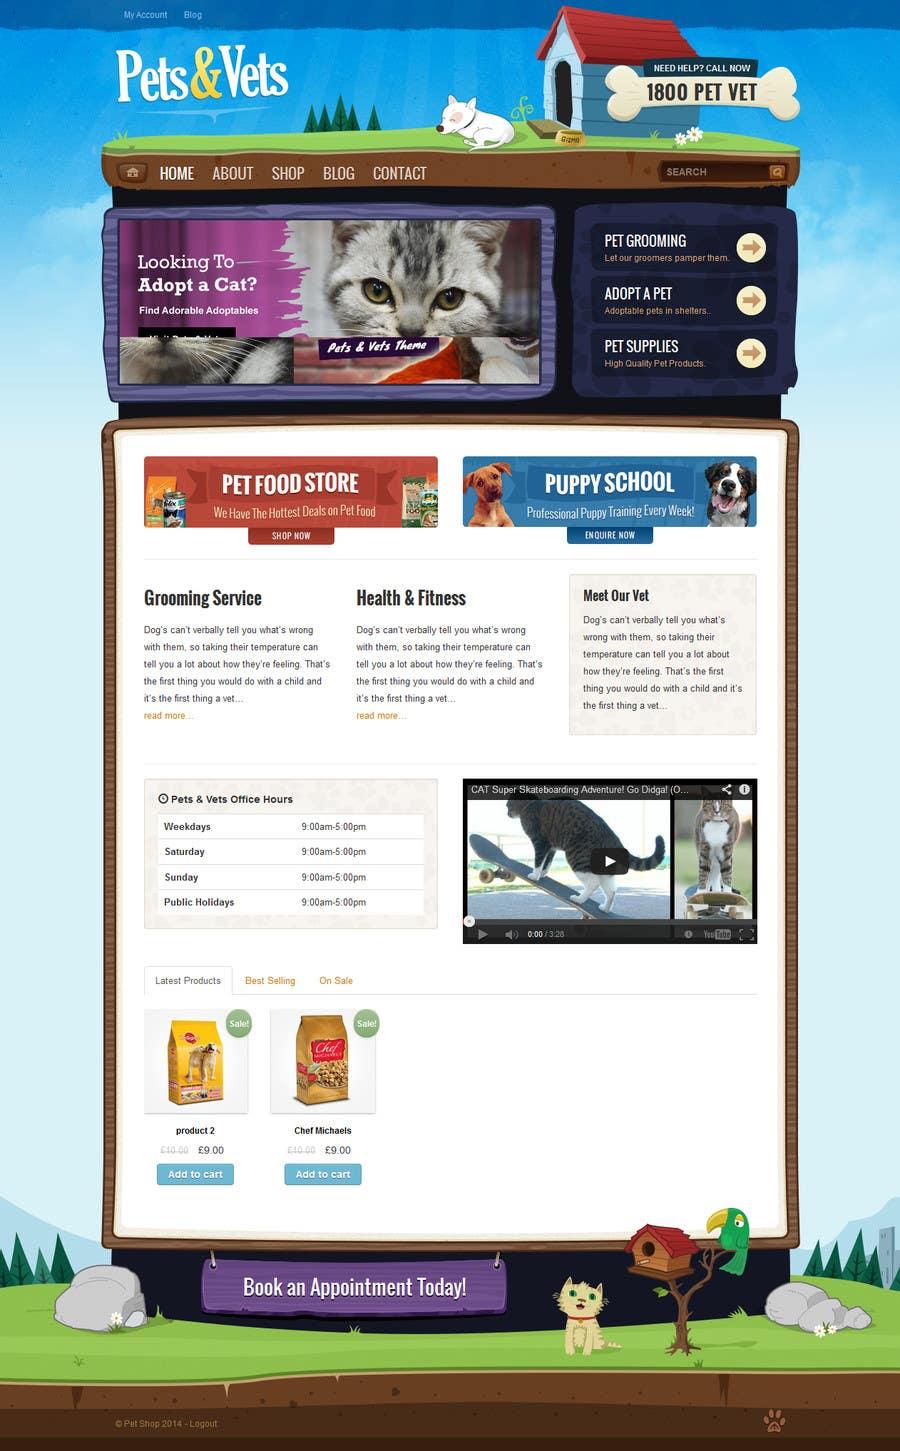 Penyertaan Peraduan #                                        8                                      untuk                                         Design a Wordpress Mockup for Pet Food Website